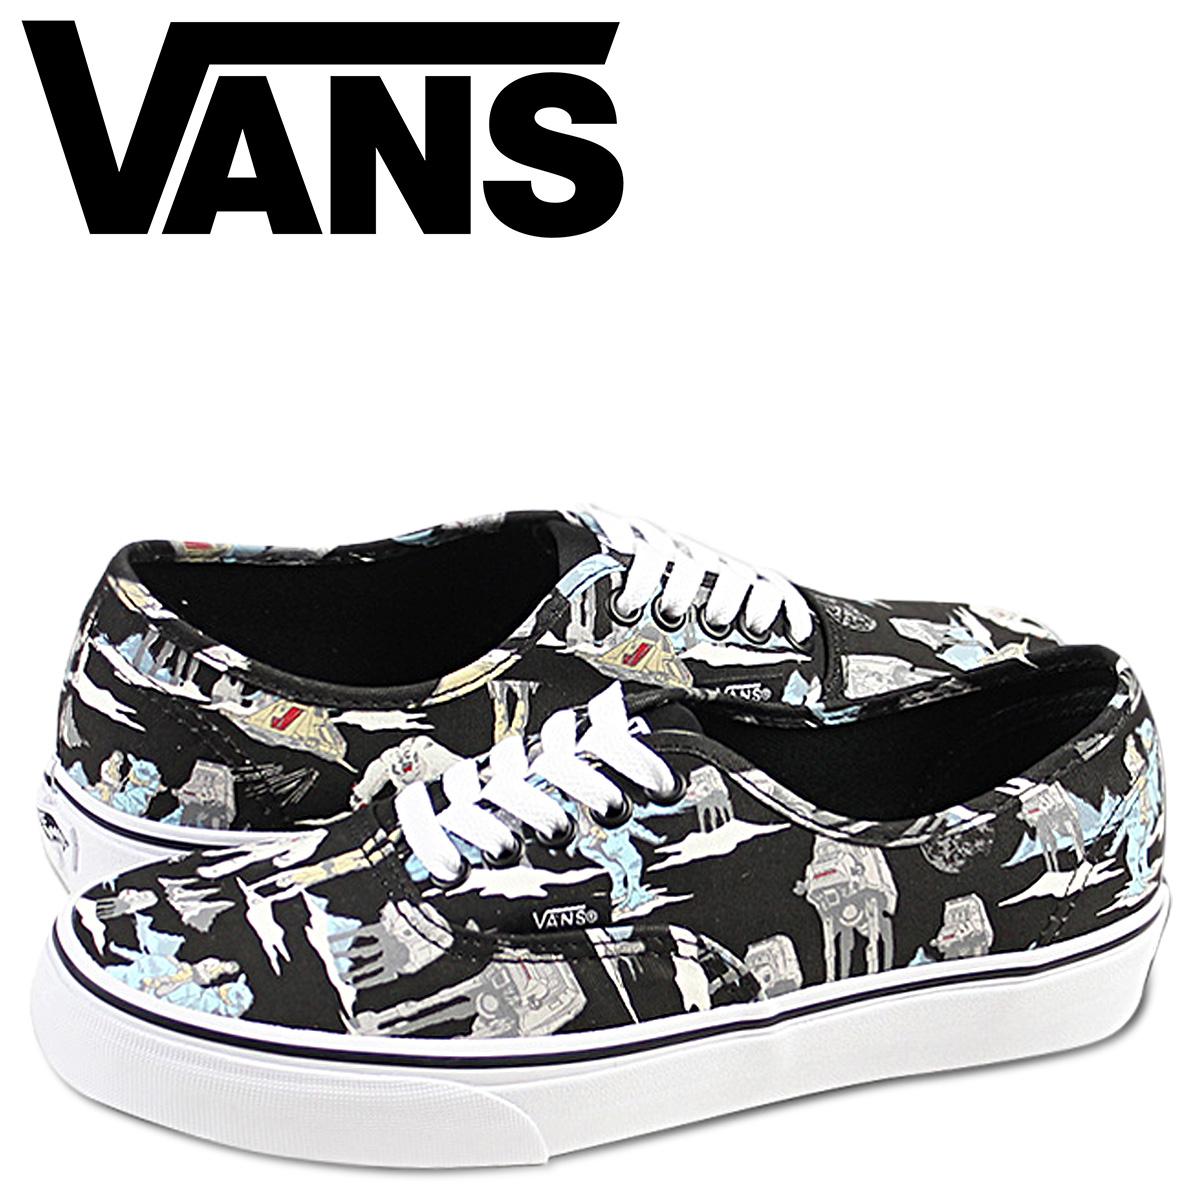 8af9a677ed Vans VANS STARWARS AUTHENTIC DARK SIDE sneakers authentic dark side canvas Star  Wars VN-0YS7EXA dark side men gap Dis